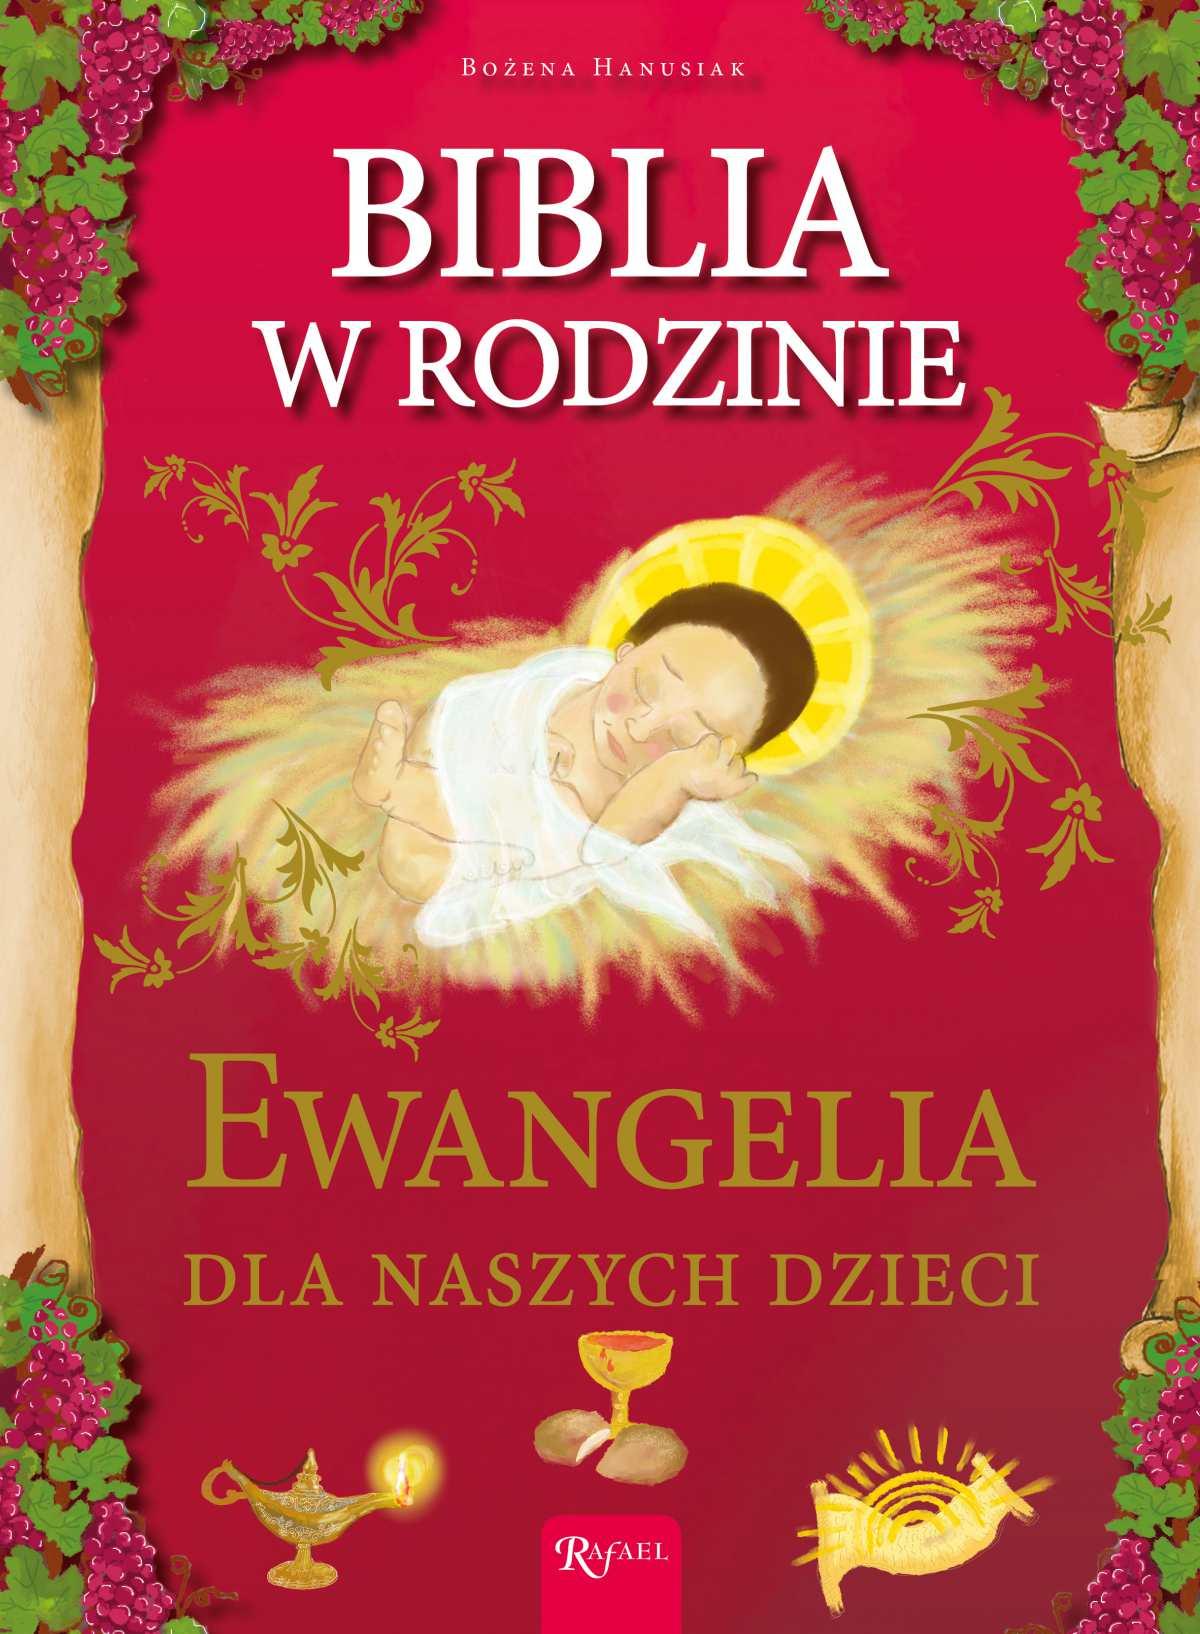 Biblia w rodzinie. Ewangelia dla naszych dzieci - Ebook (Książka PDF) do pobrania w formacie PDF